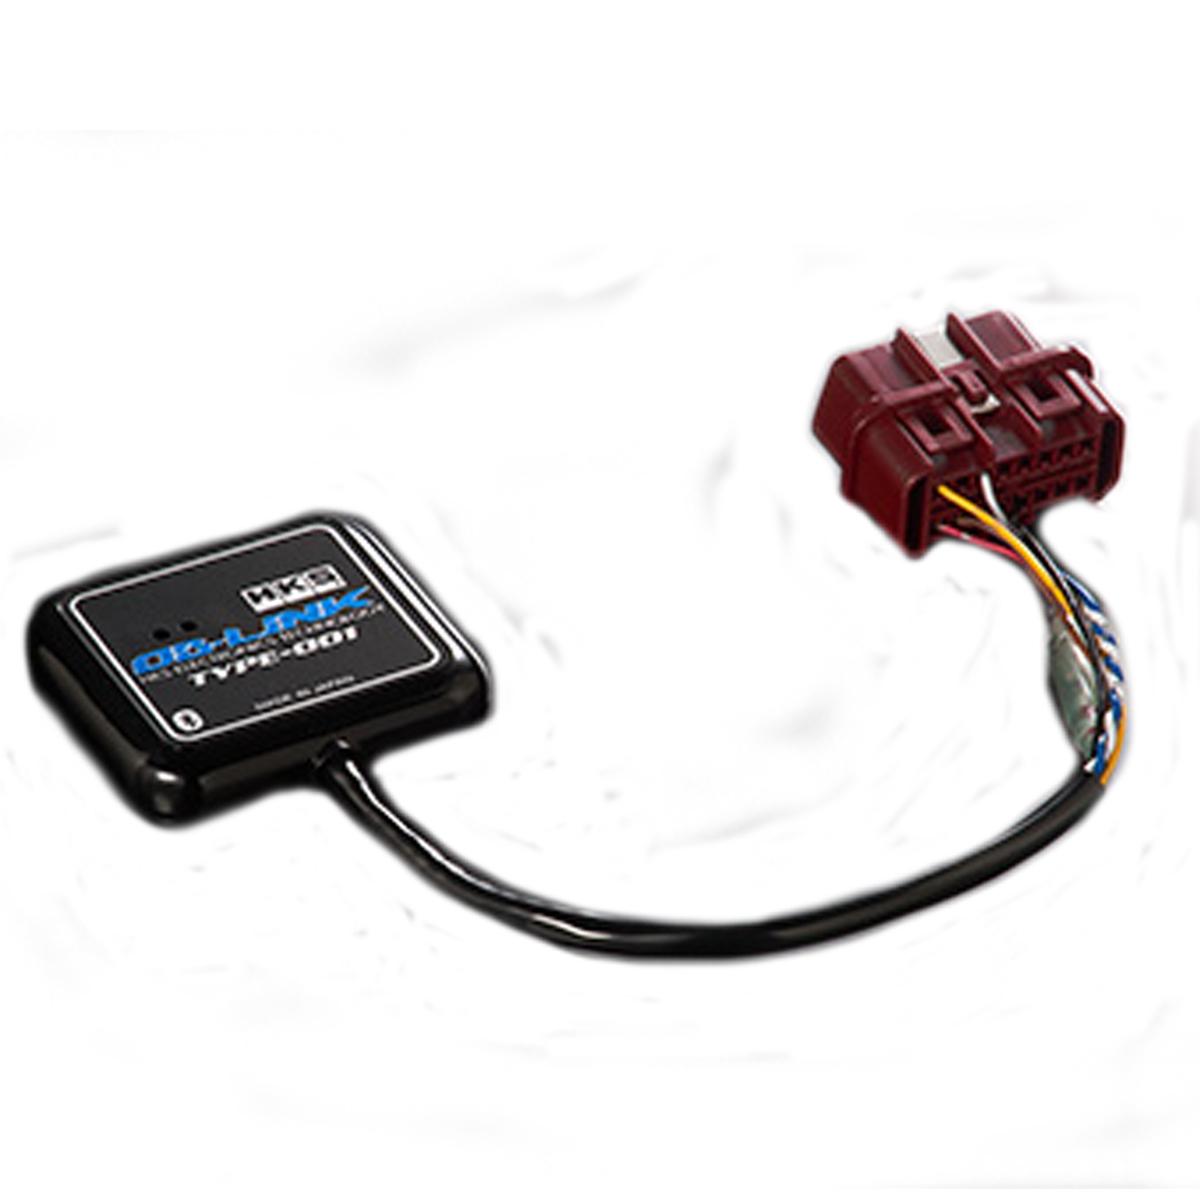 インテグラ タ イプR モニター OBリンク タイプ 001 DC5 HKS 44009-AK002 エレクトリニクス